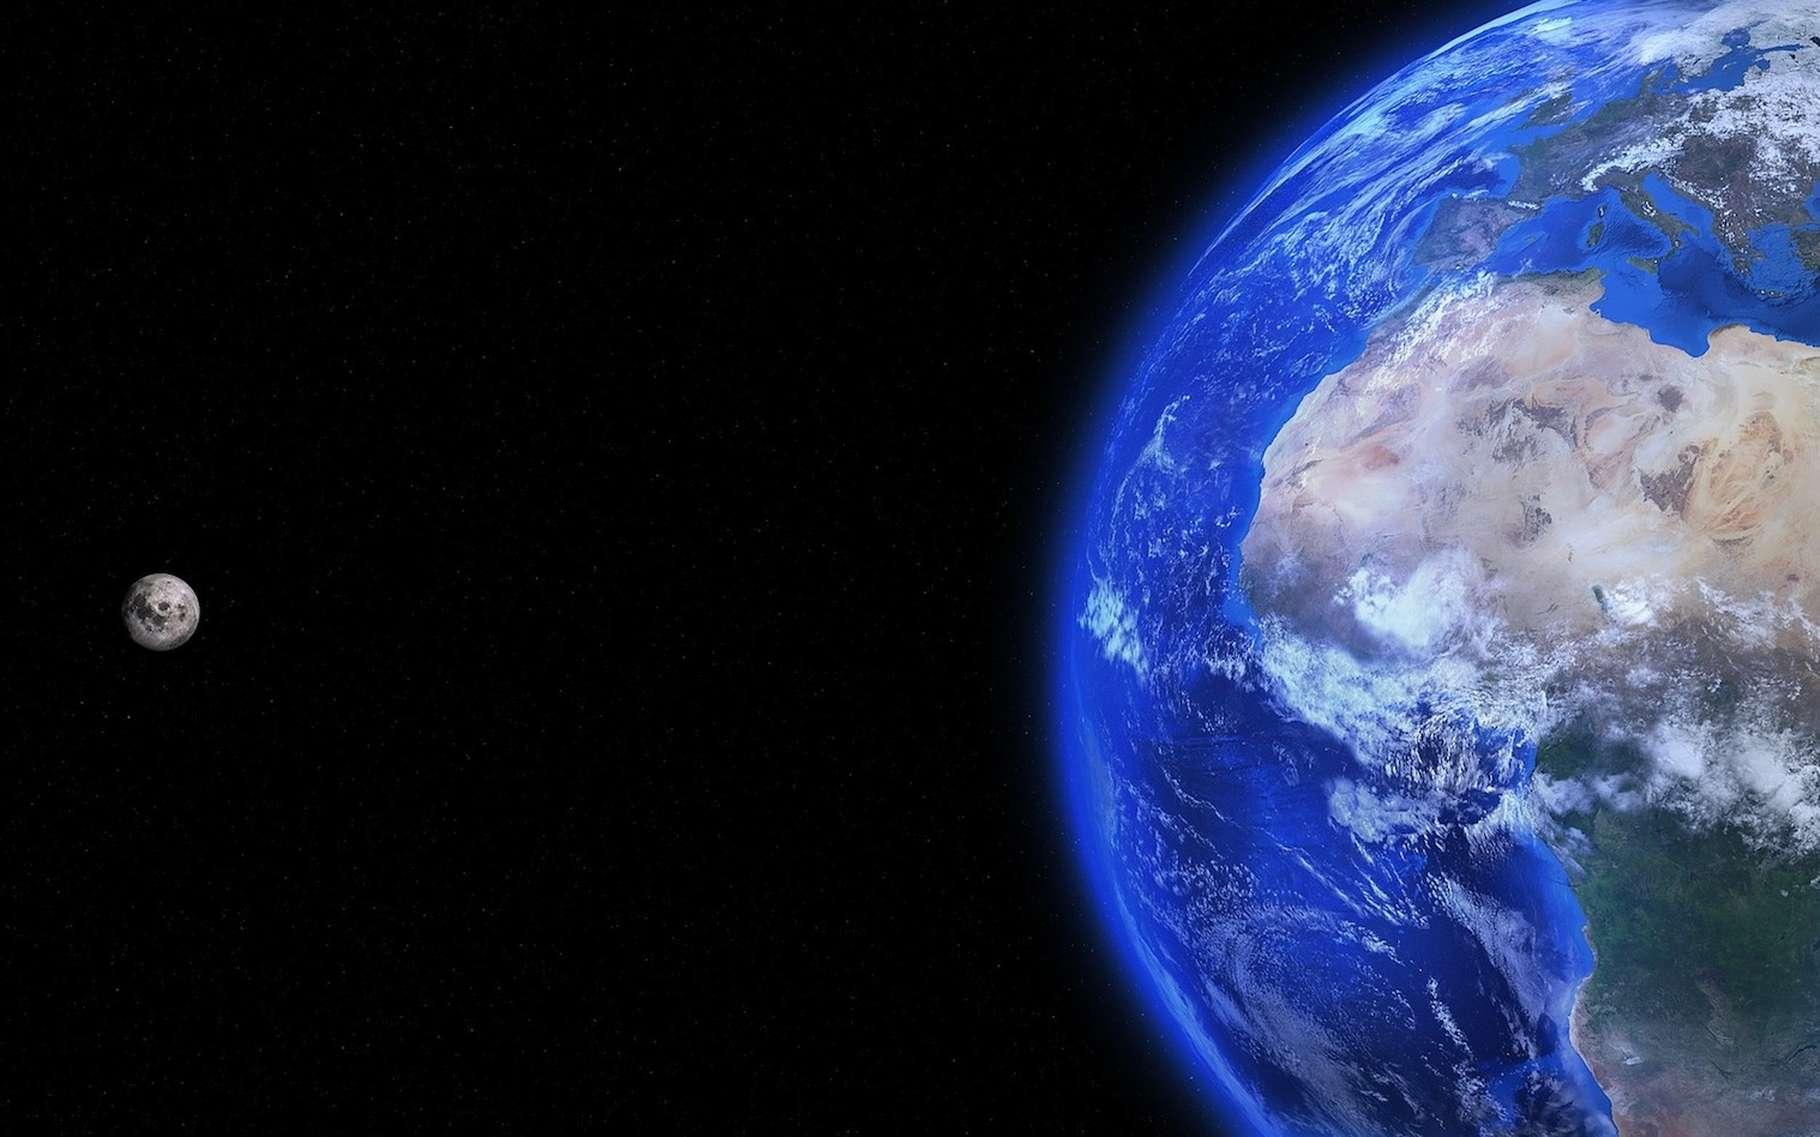 La découverte que la Terre est ronde remonte à l'Antiquité. © qimono, Pixabay, CC0 Creative Commons